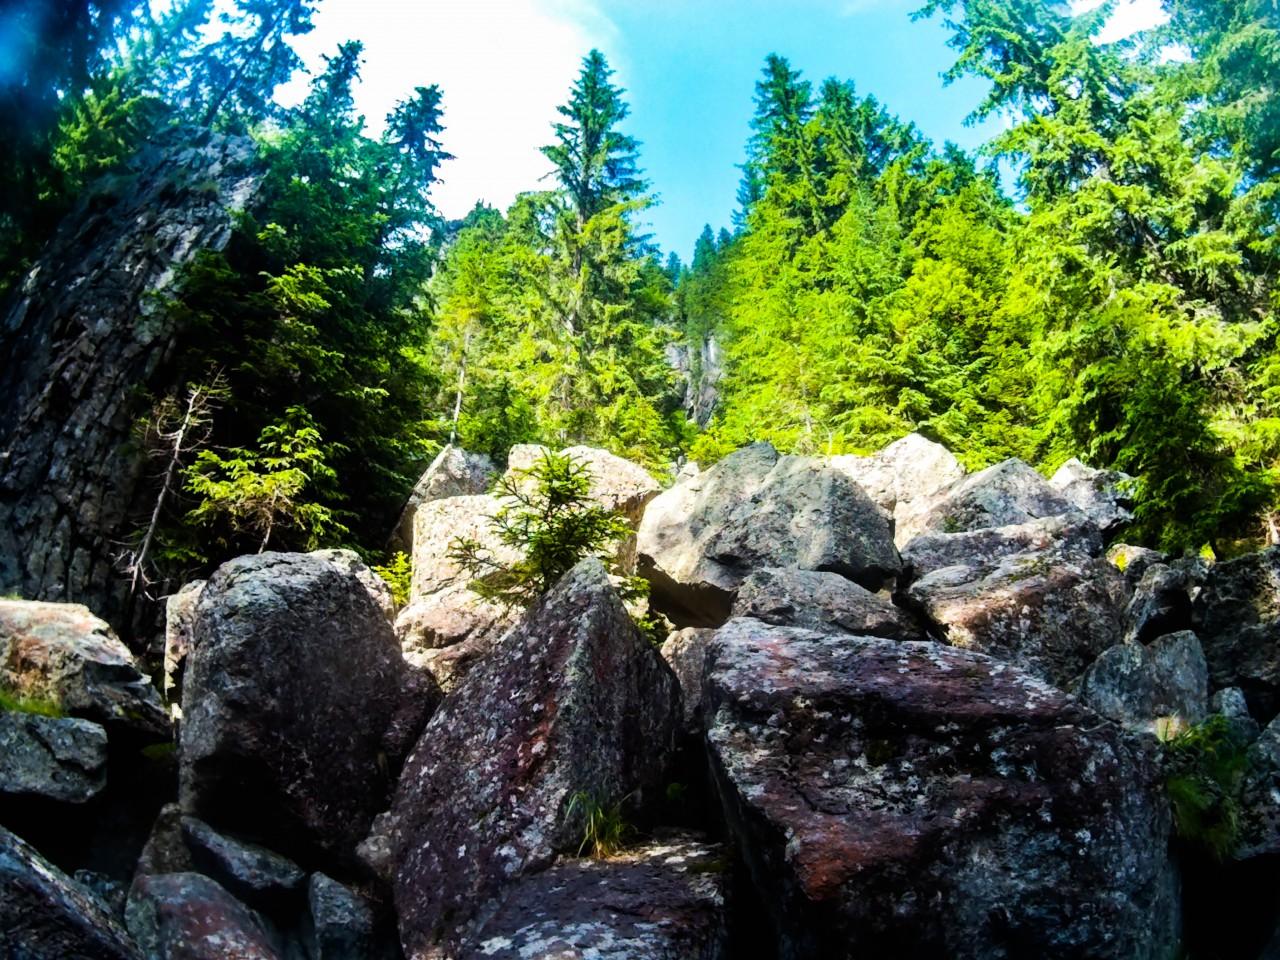 Kicsit csalóka...itt nem fel, hanem csak a sziklák mellett kellett elhaladni.